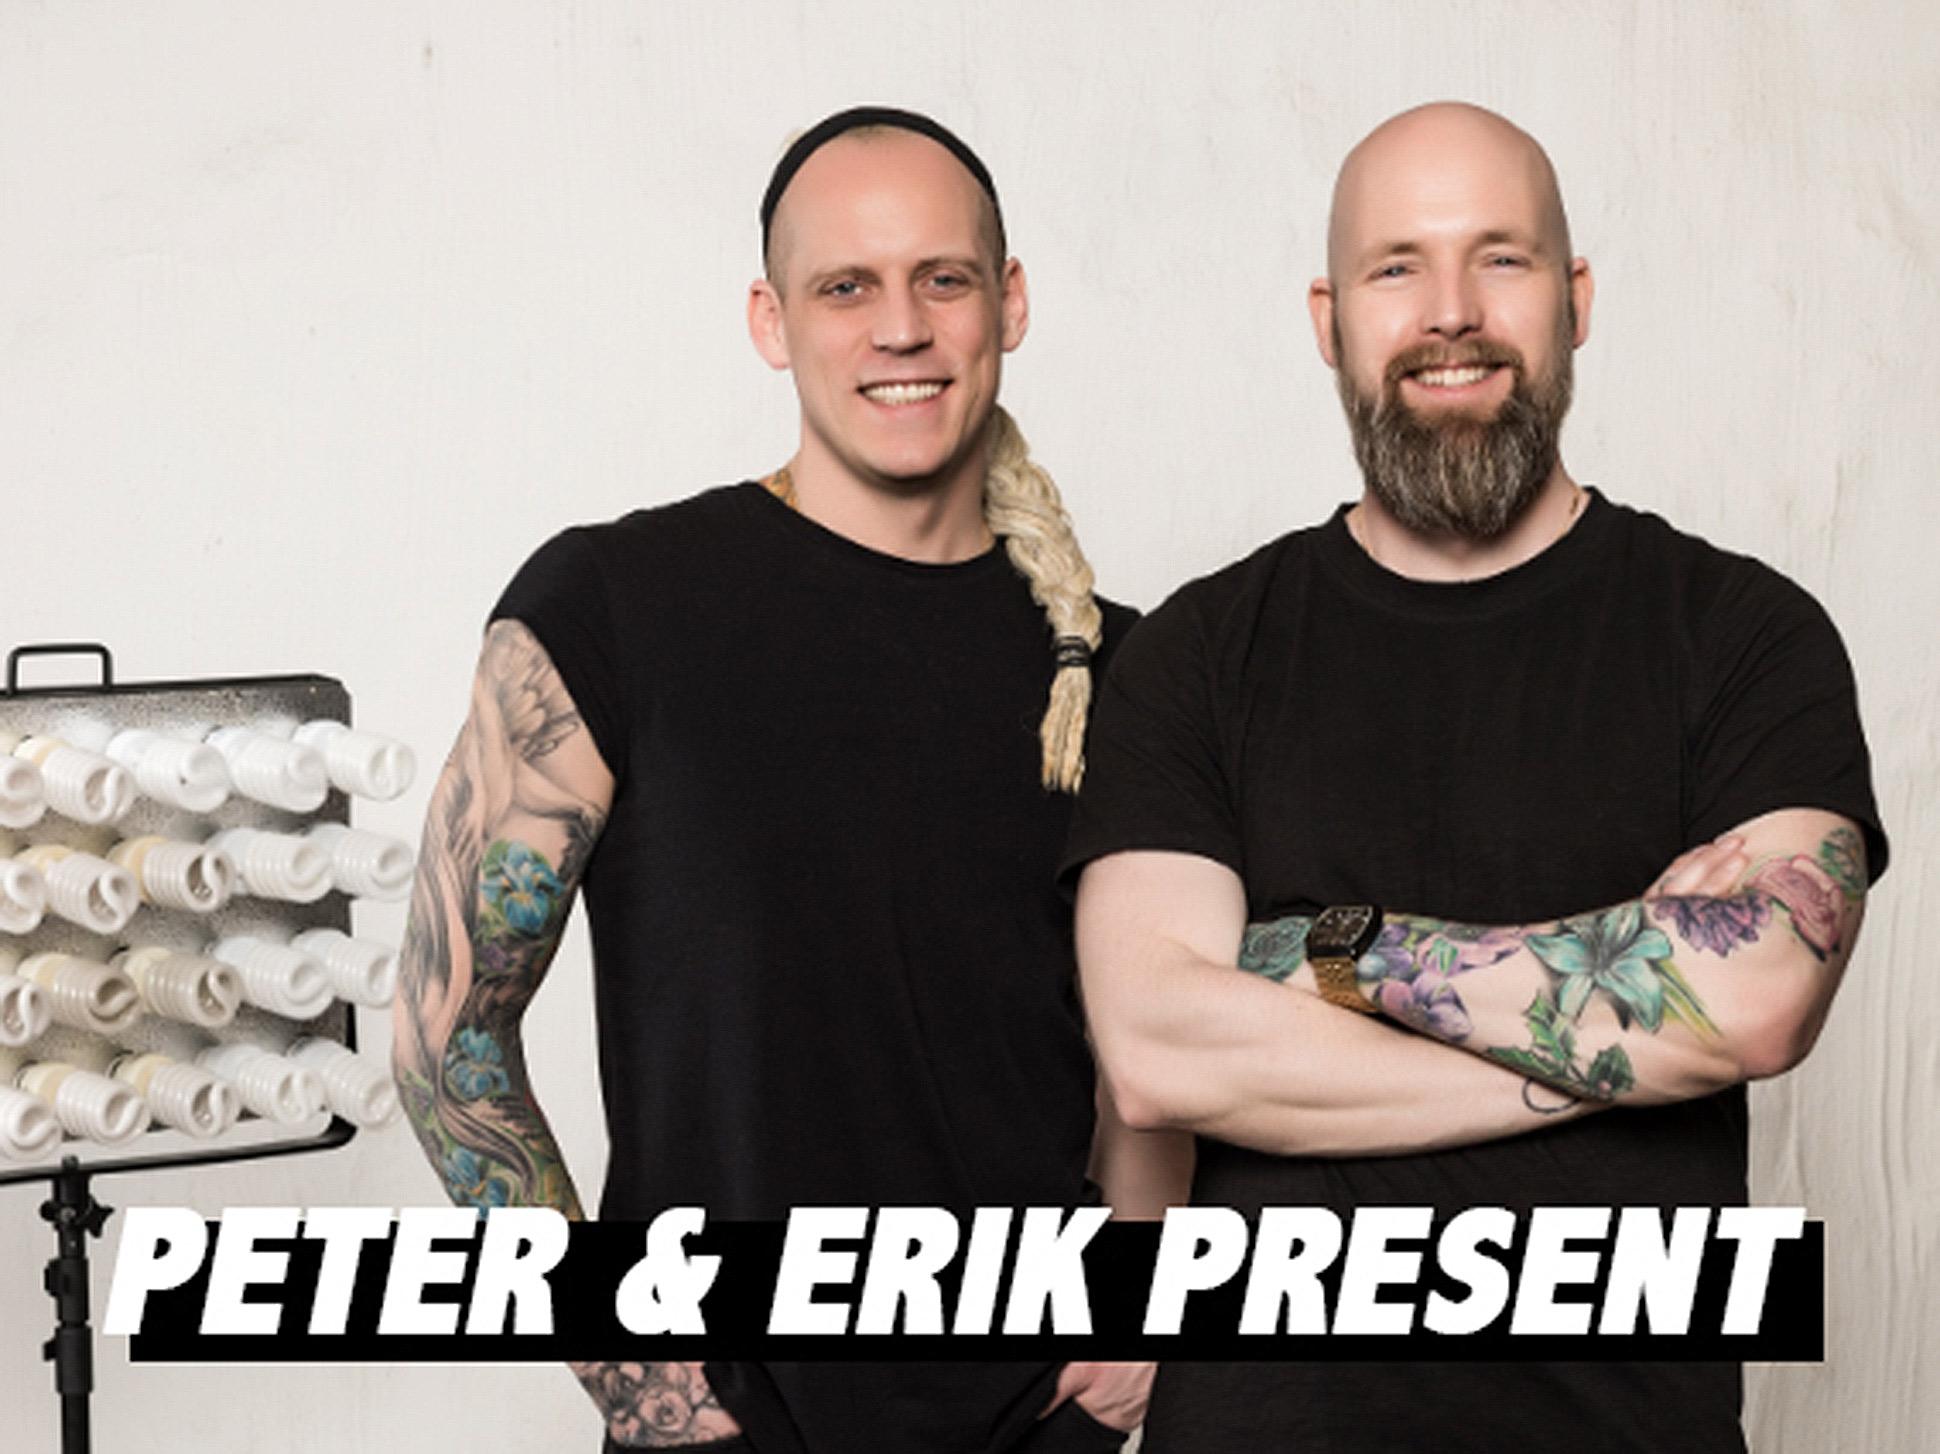 Peter & Erik Present, Stockholm, Sweden